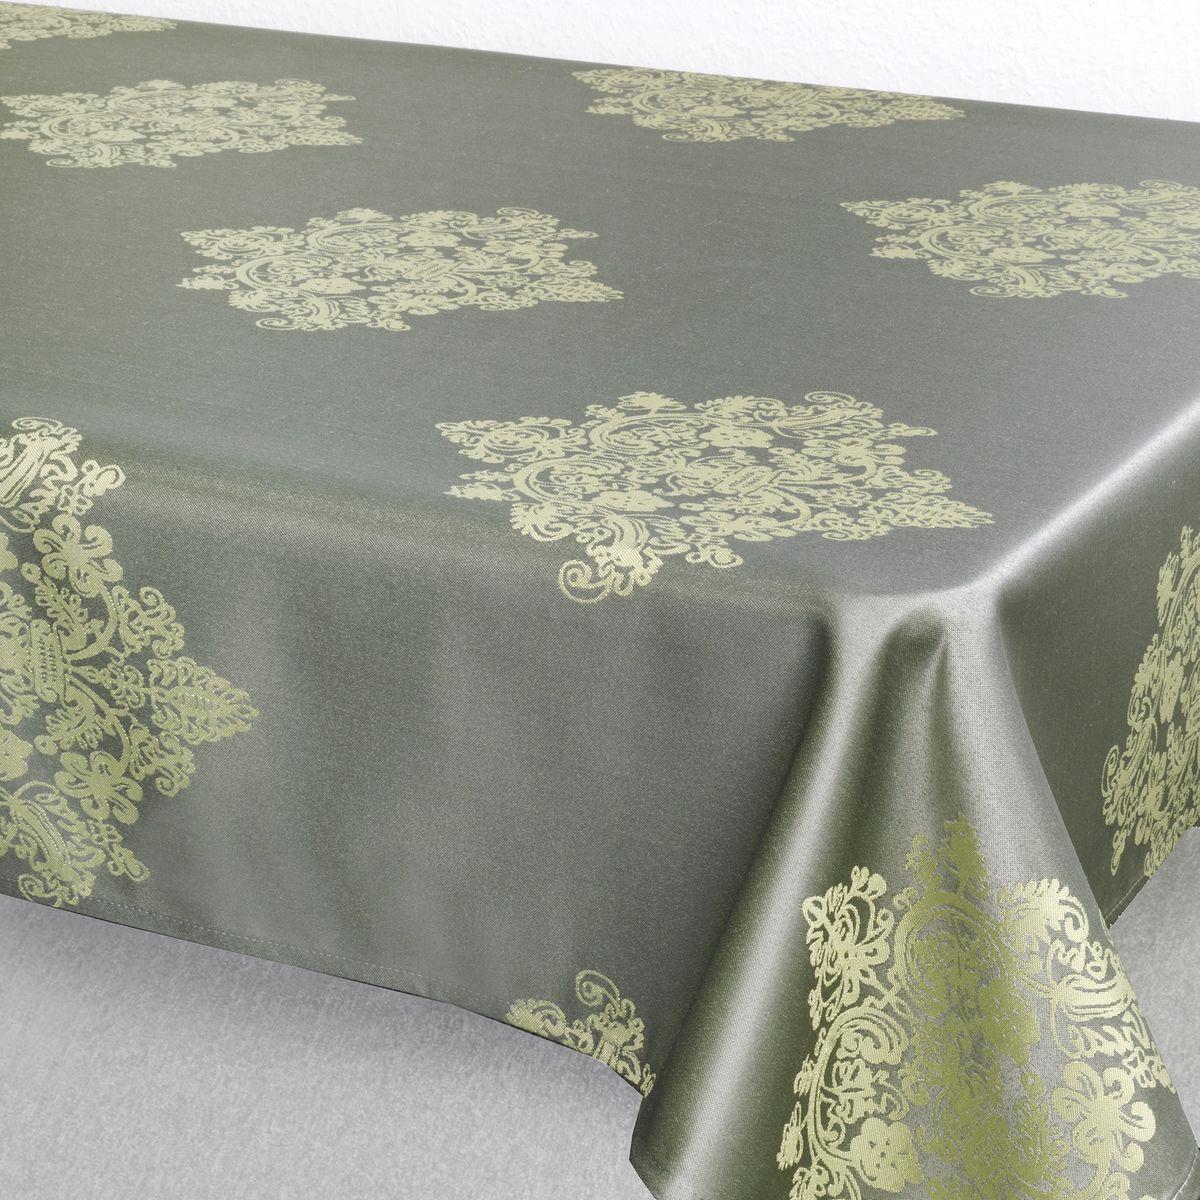 Скатерть Schaefer, прямоугольная, цвет: серый, 130 х 160 см. 07810-42707810-427Стильная скатерть Schaefer выполнена из полиэстера.Изделия из полиэстера легко стирать: они не мнутся, не садятся и быстро сохнут, они более долговечны, чем изделия из натуральных волокон.Немецкая компания Schaefer создана в 1921 году. На протяжении всего времени существования она создает уникальные коллекции домашнего текстиля для гостиных, спален, кухонь и ванных комнат. Дизайнерские идеи немецких художников компании Schaefer воплощаются в текстильных изделиях, которые сделают ваш дом красивее и уютнее и не останутся незамеченными вашими гостями. Дарите себе и близким красоту каждый день!